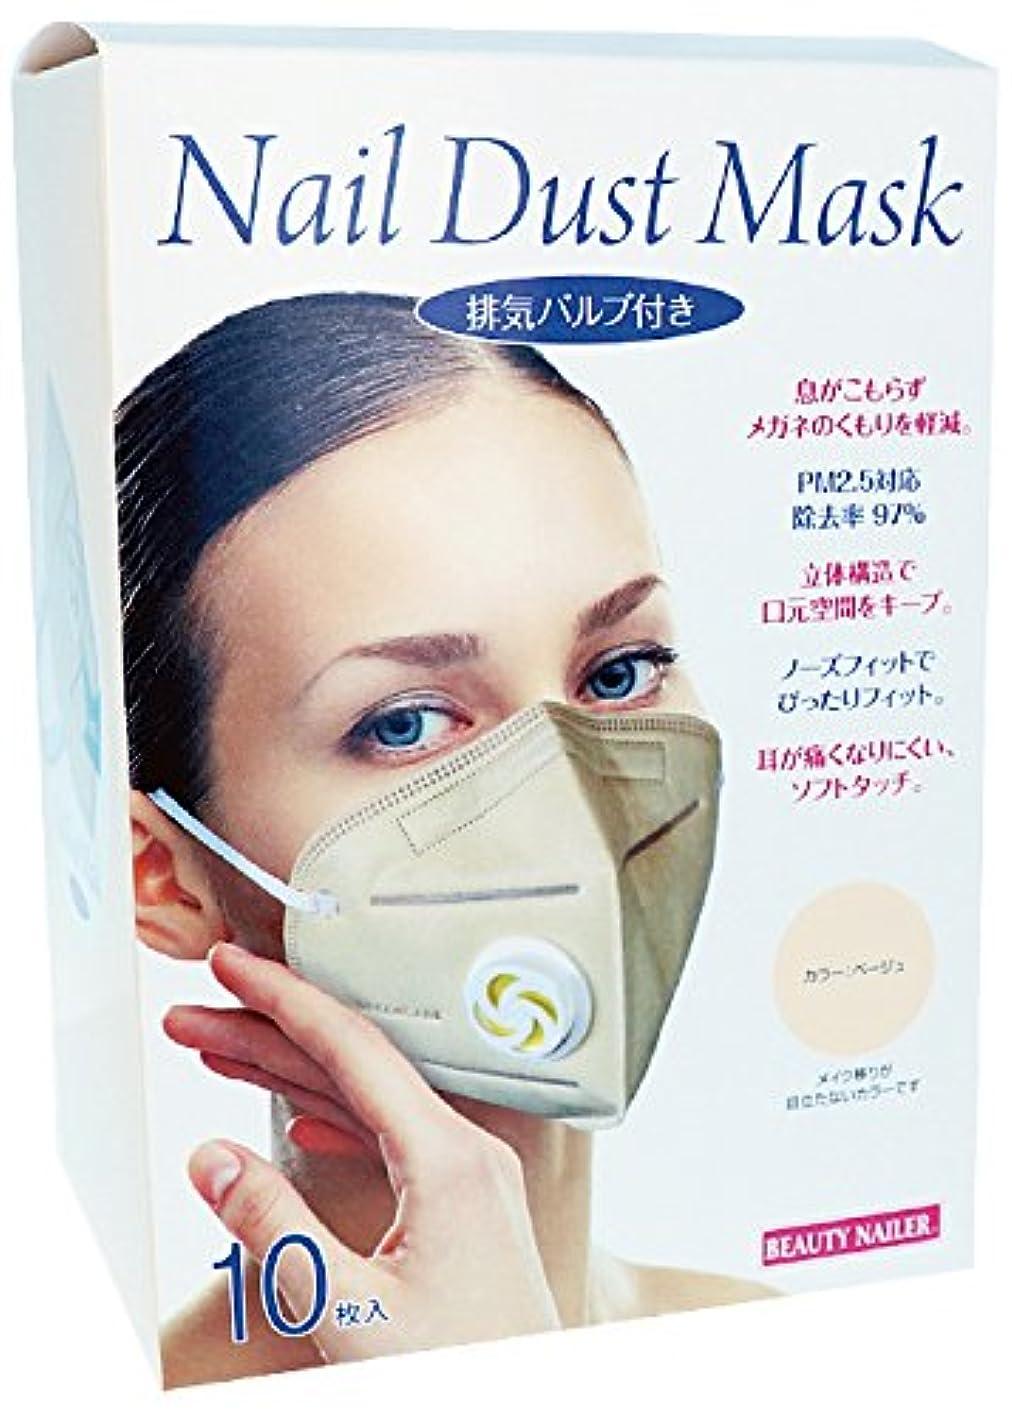 第二にセールスマンまさにビューティーネイラー 排気バルブ付き ネイルダストマスク 10枚入り MASK-04 ベージュ